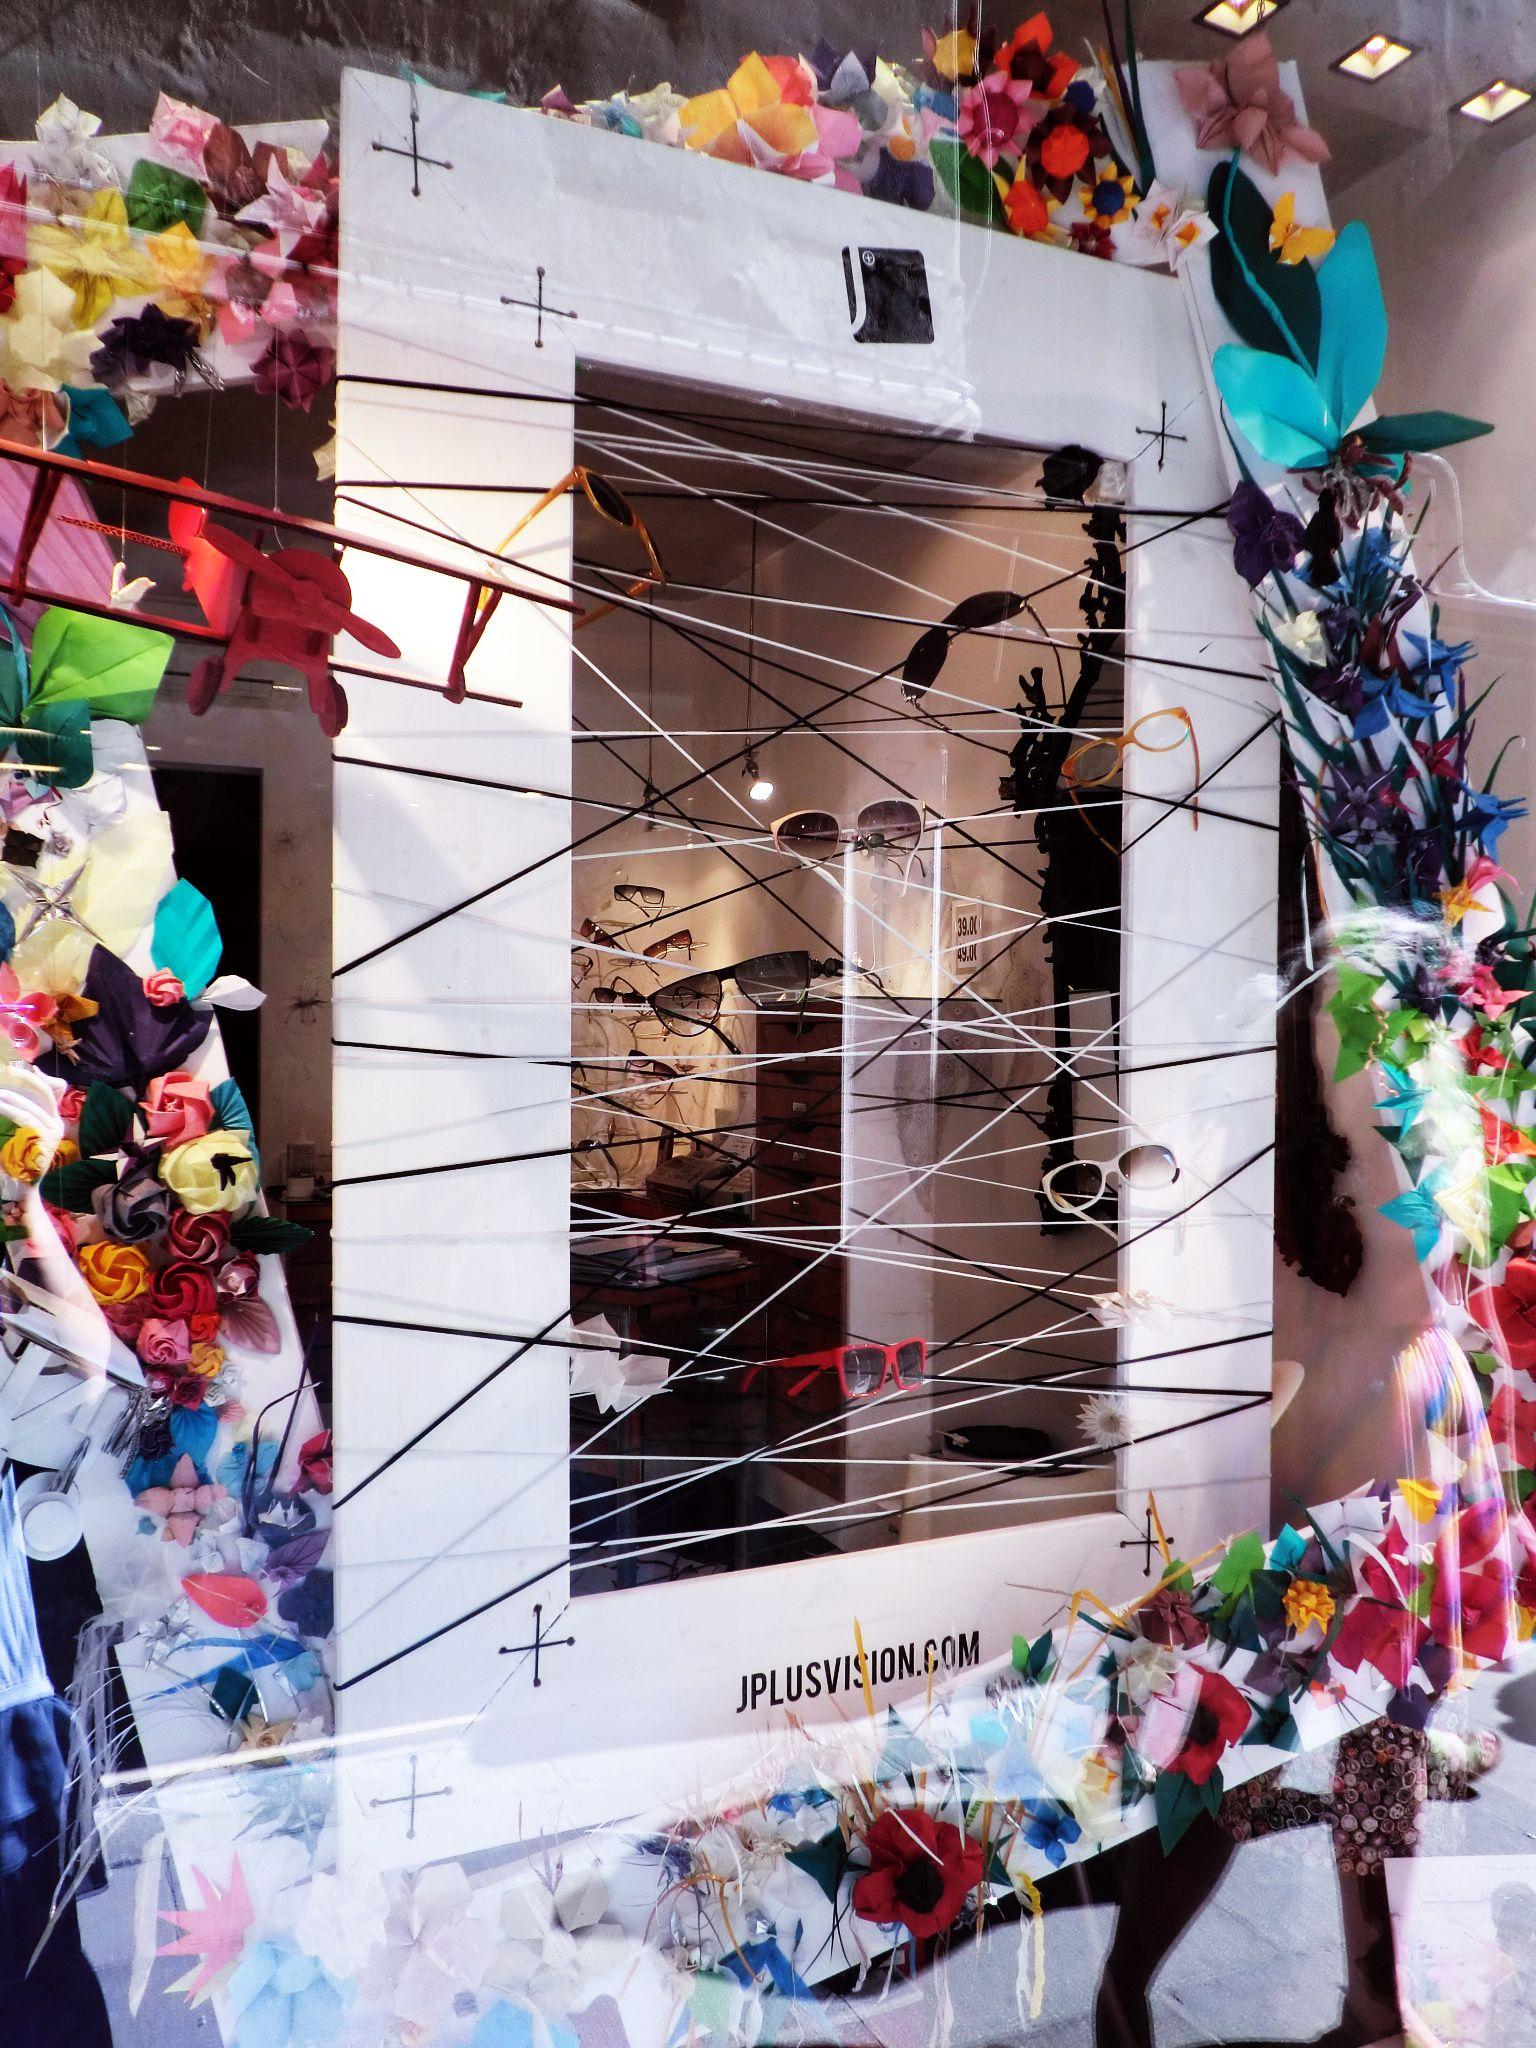 Óticas criativas nos encantam. Vitrines de óticas lindas estão nesta seleção  especial da Vitrine Mania. Creative optical window displays that we just  love! cb8d2197db